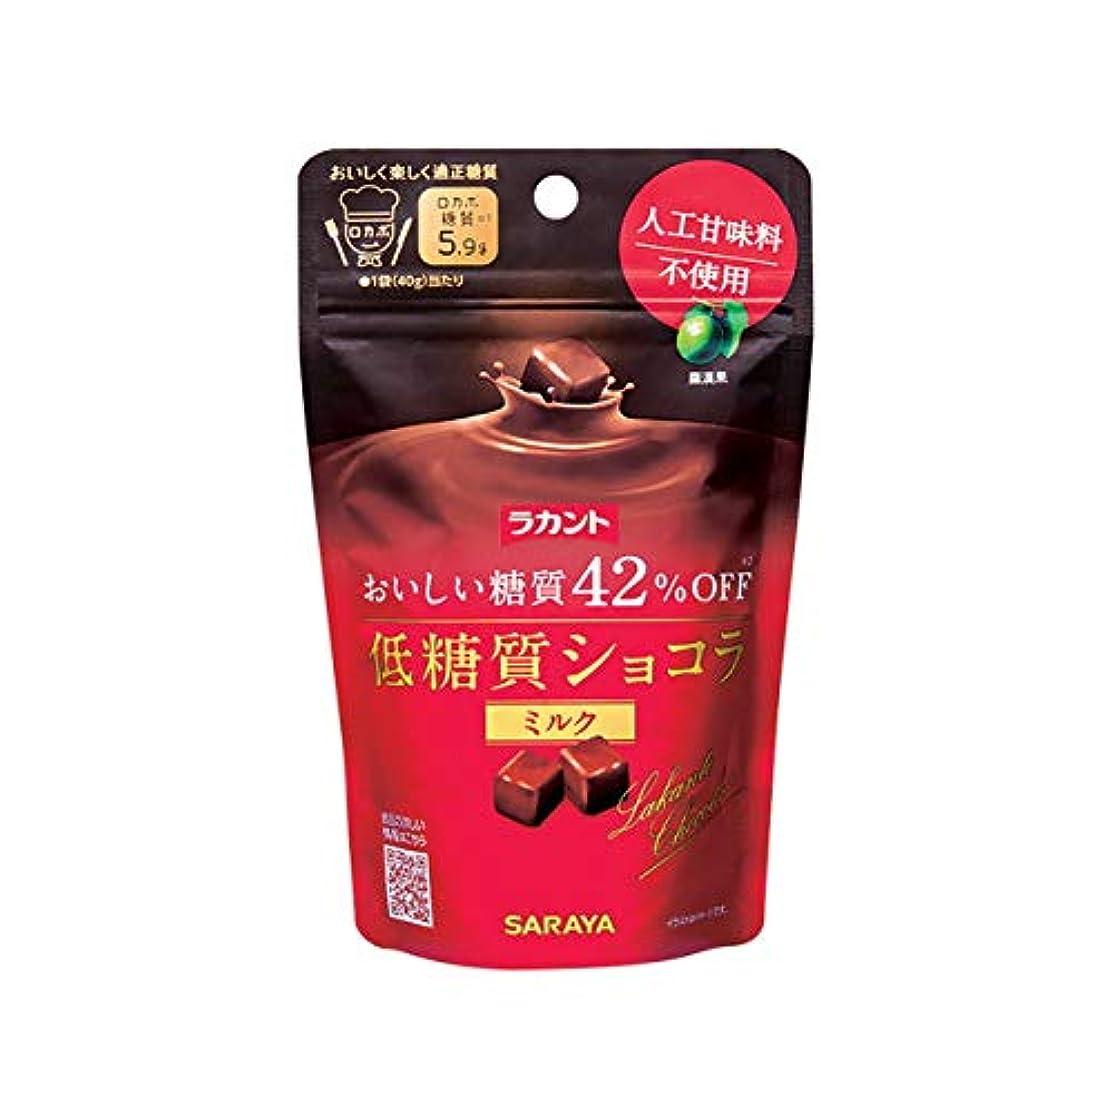 混乱させる放課後ビーチサラヤ ラカント ショコラミルク 40g【5個セット】